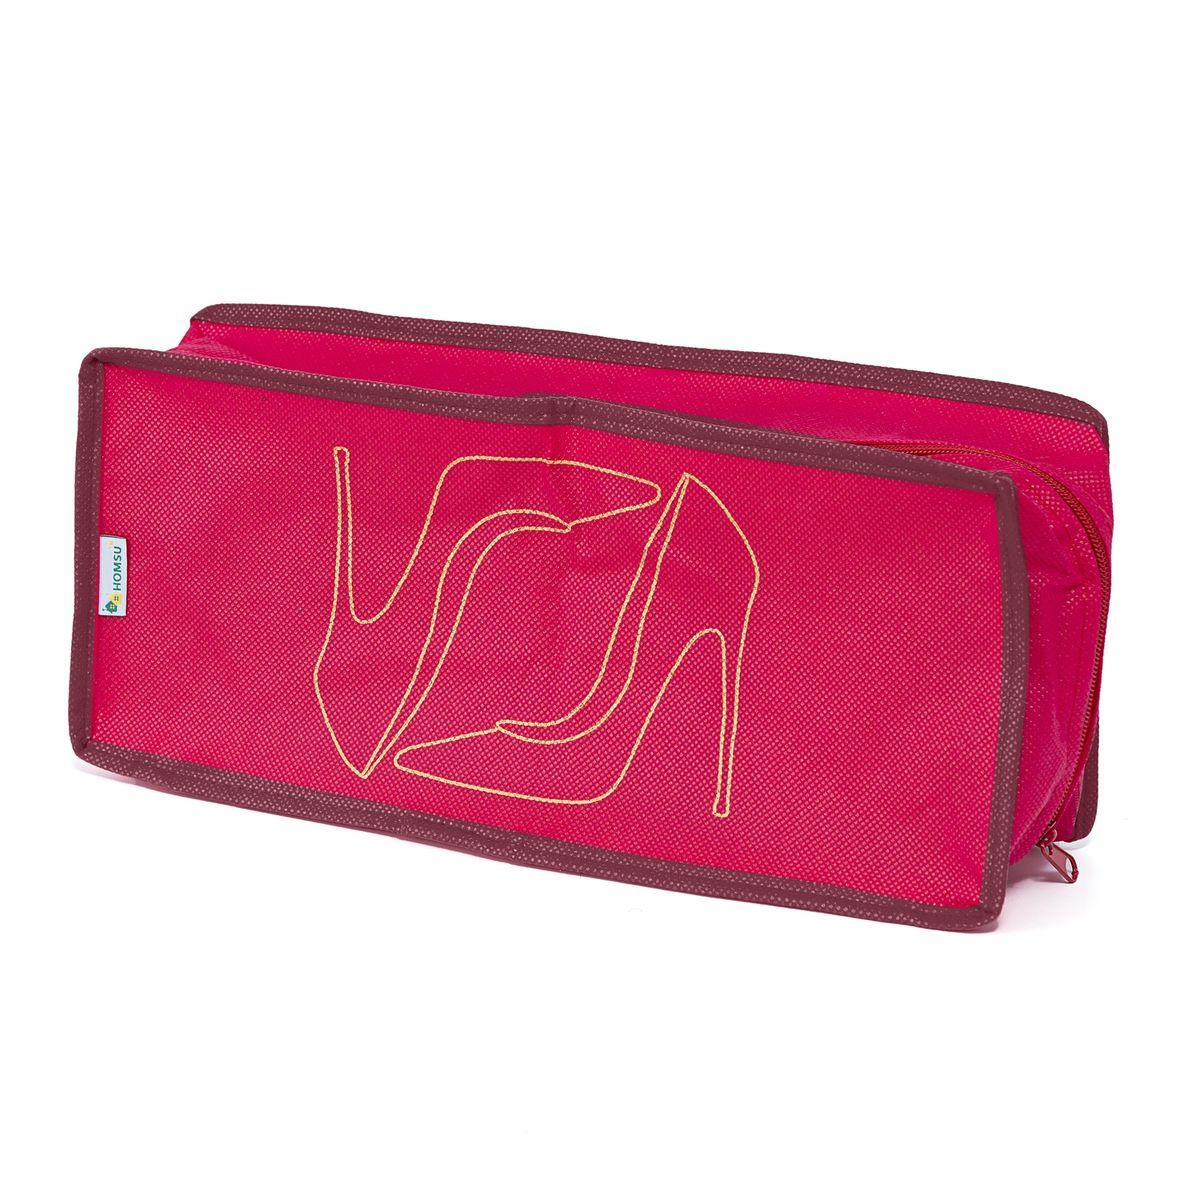 Органайзер для обуви Homsu Lady in Red, 35 х 15 х 11 смHOM-660Органайзер для обуви Homsu Lady in Red выполнен из спанбонда и картона. Органайзер для обуви удобно вмещает в себя одну пару обуви, он не проницаемый для влаги и грязи и поможет полноценно сберечь вашу обувь как в домашнем хранении, так и во время транспортировки.